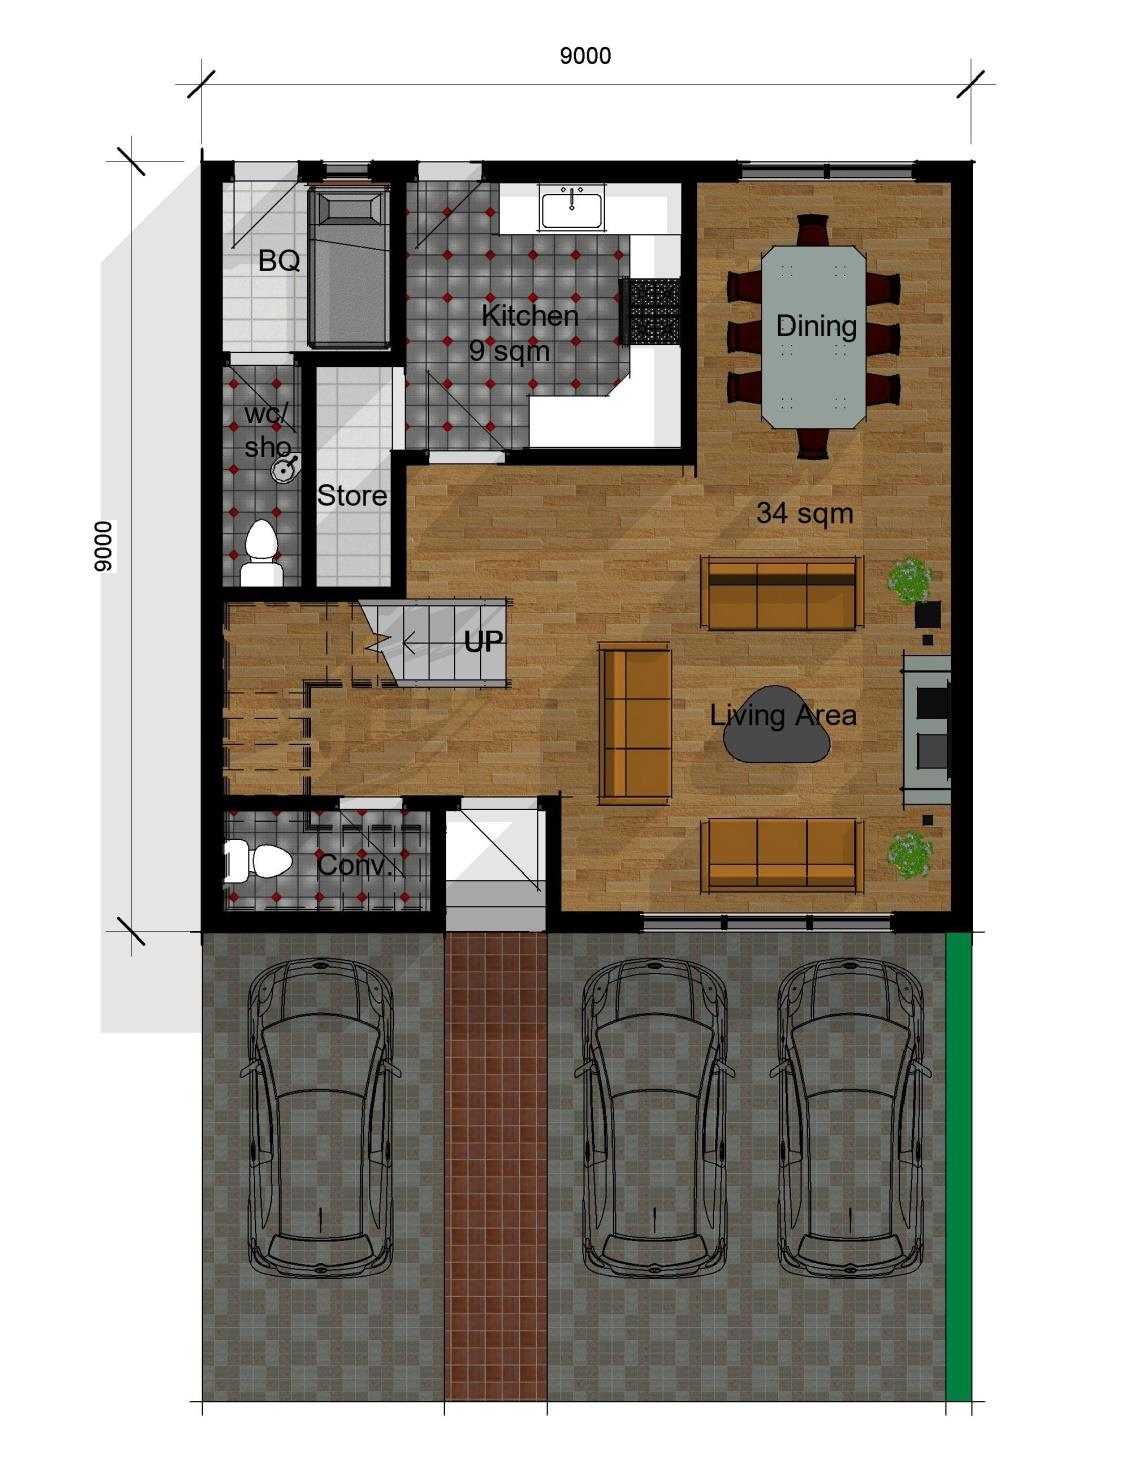 Terraces  Ground Floor Plan